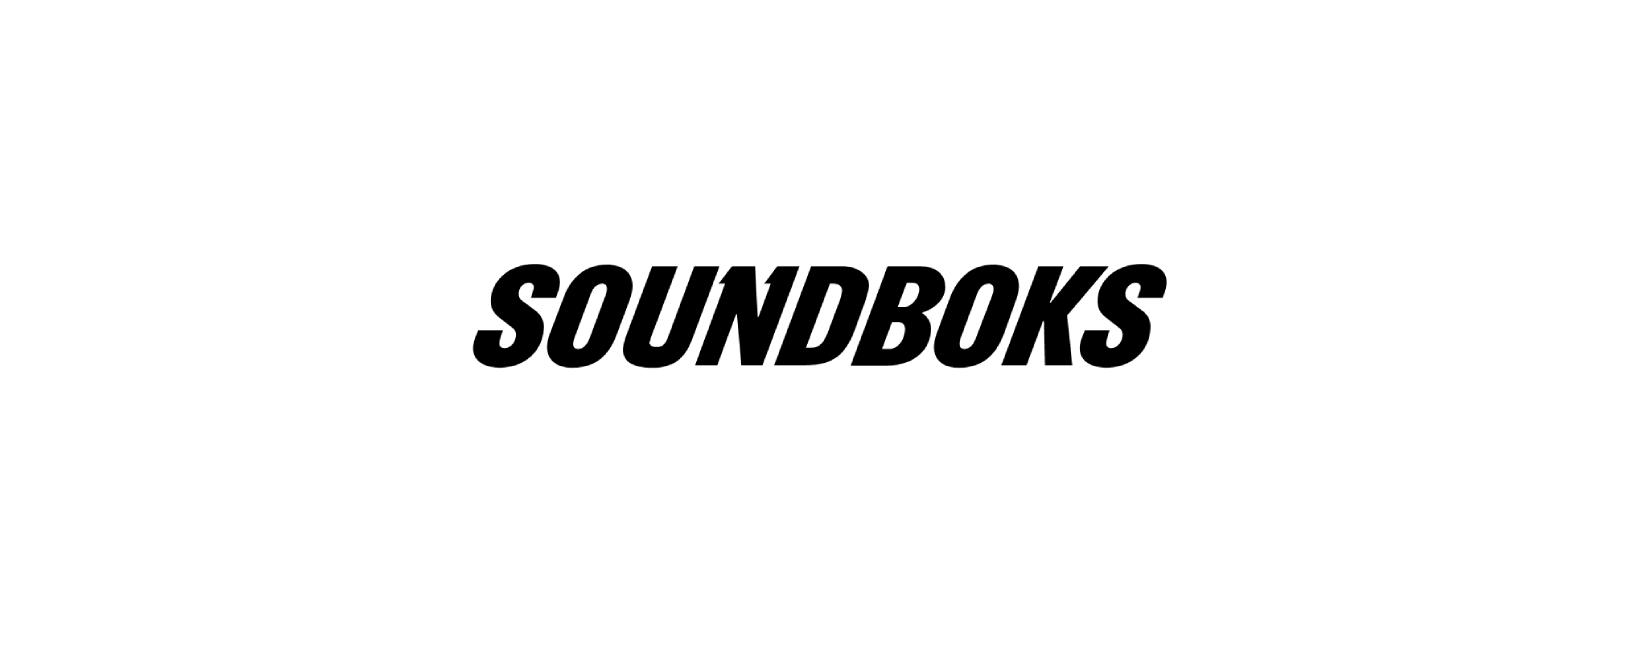 SOUNDBOKS Discount Code 2021